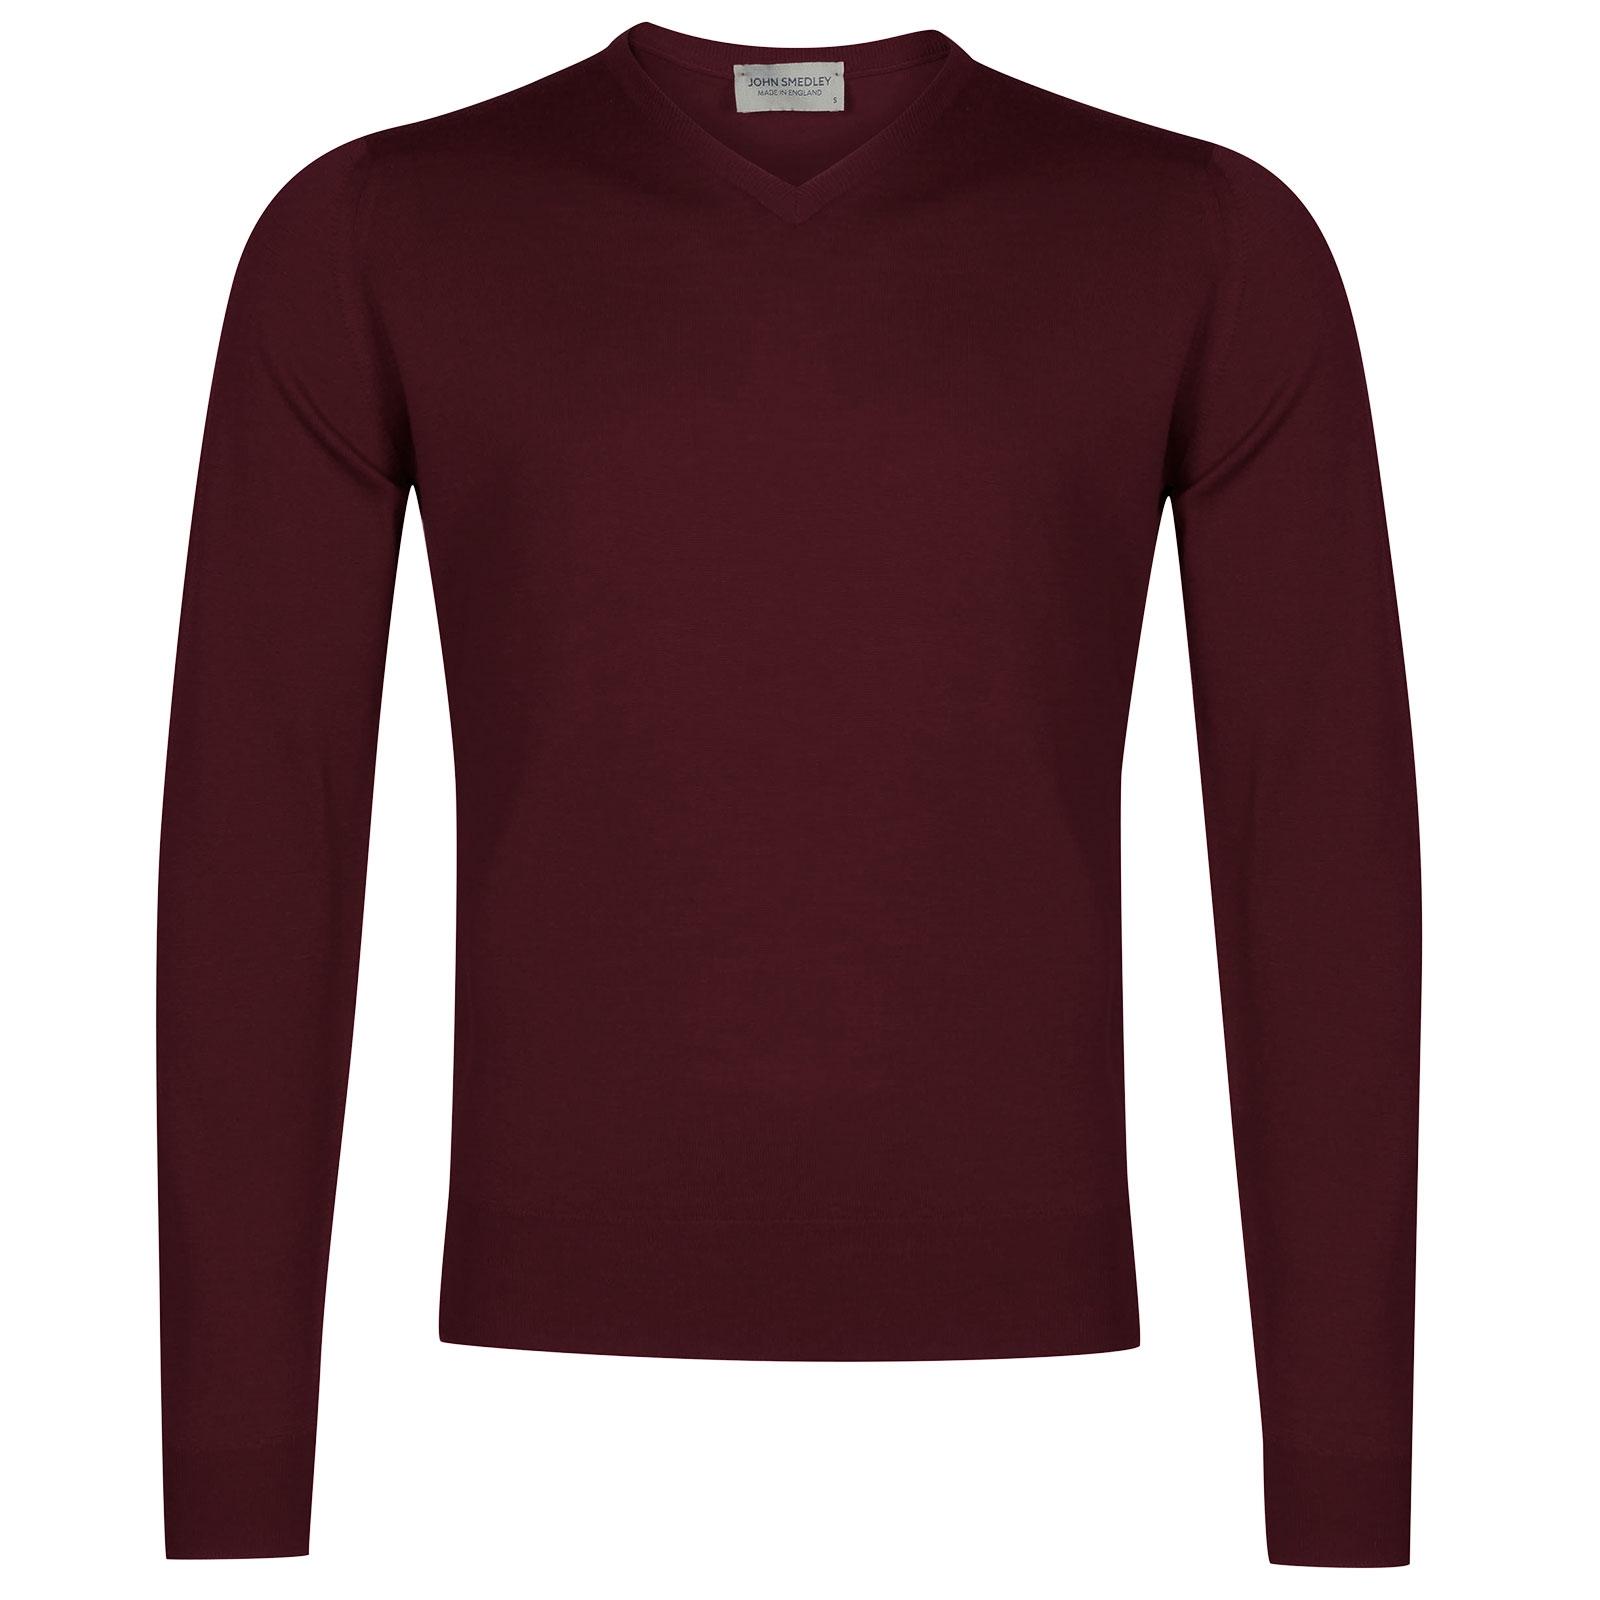 John Smedley Genoa Merino Wool Pullover in Bordeaux-XL